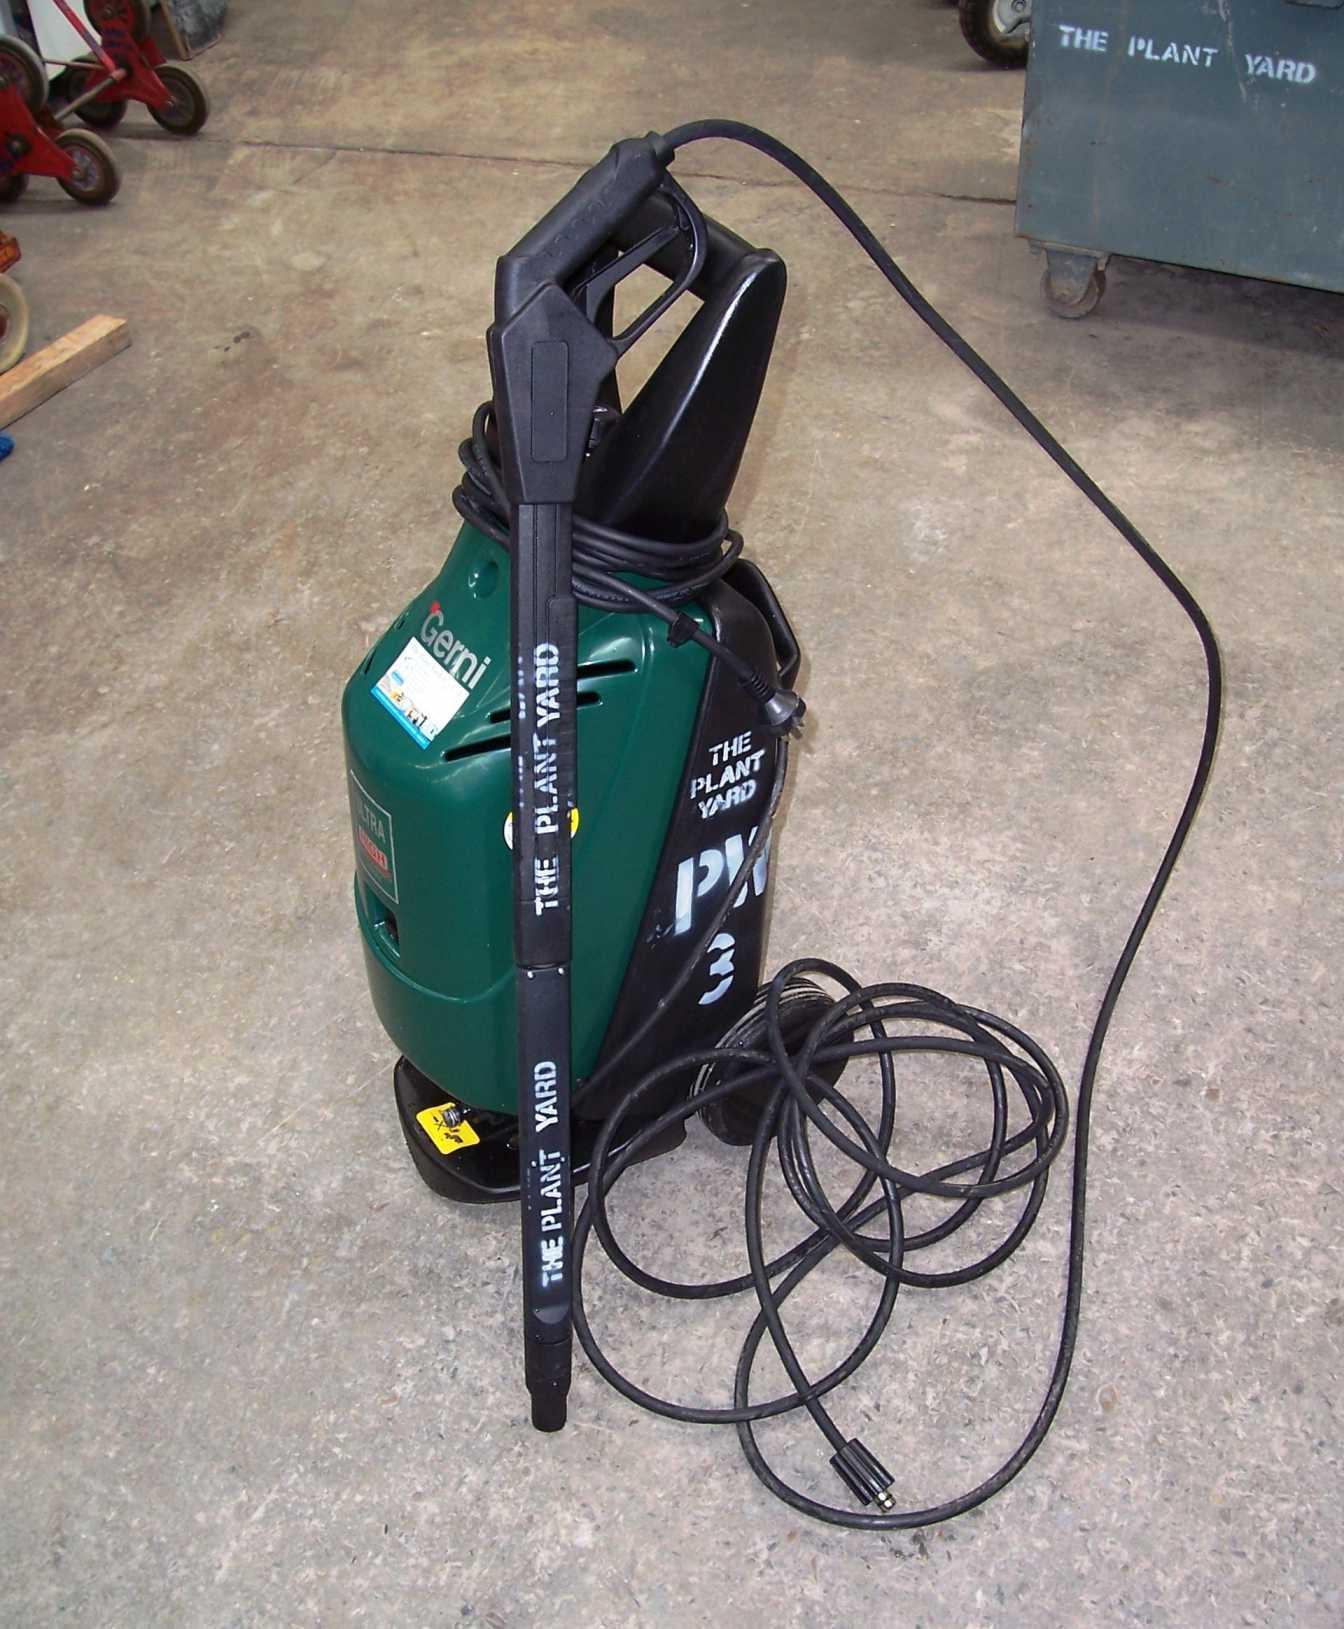 Pressure Washer Electric.JPG